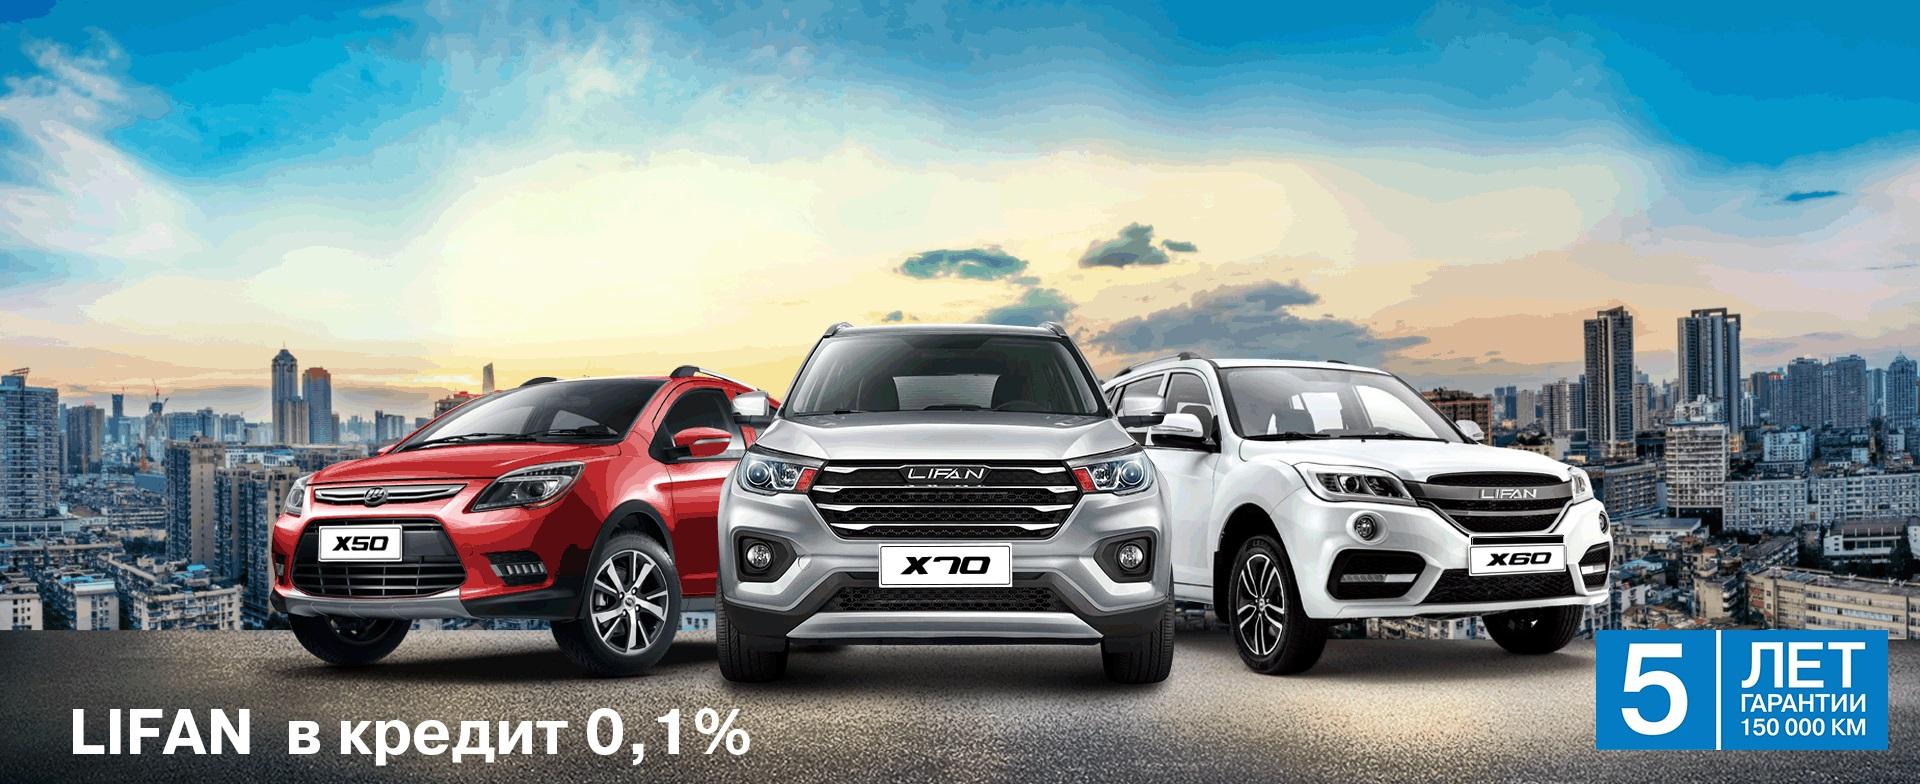 Цены на авто в кредит в краснодаре